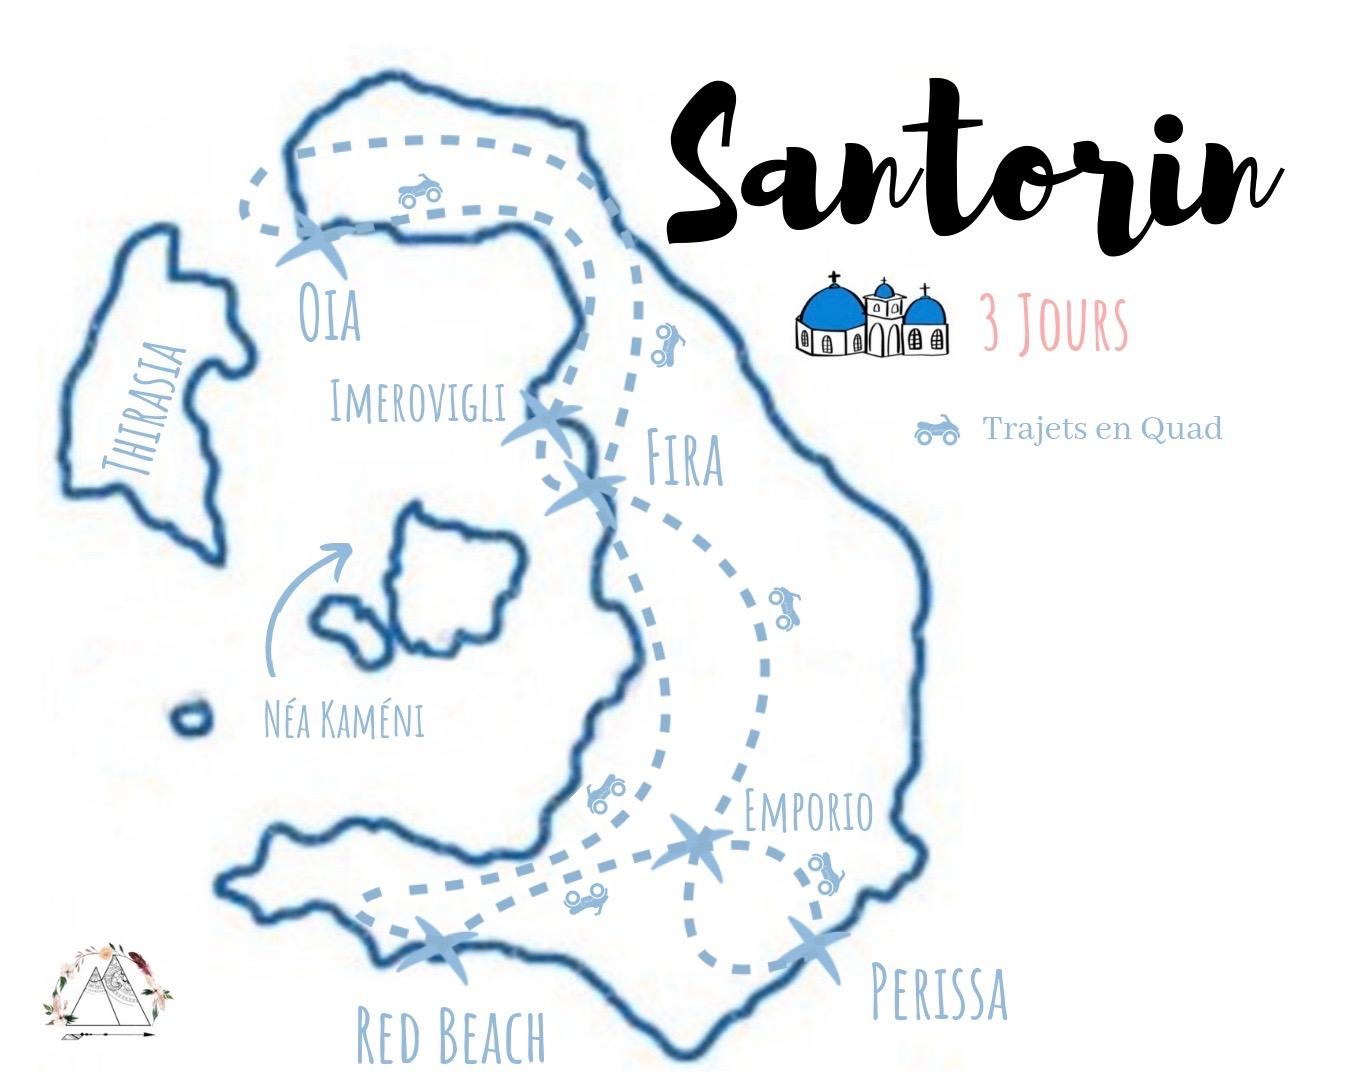 visiter santorin en quad